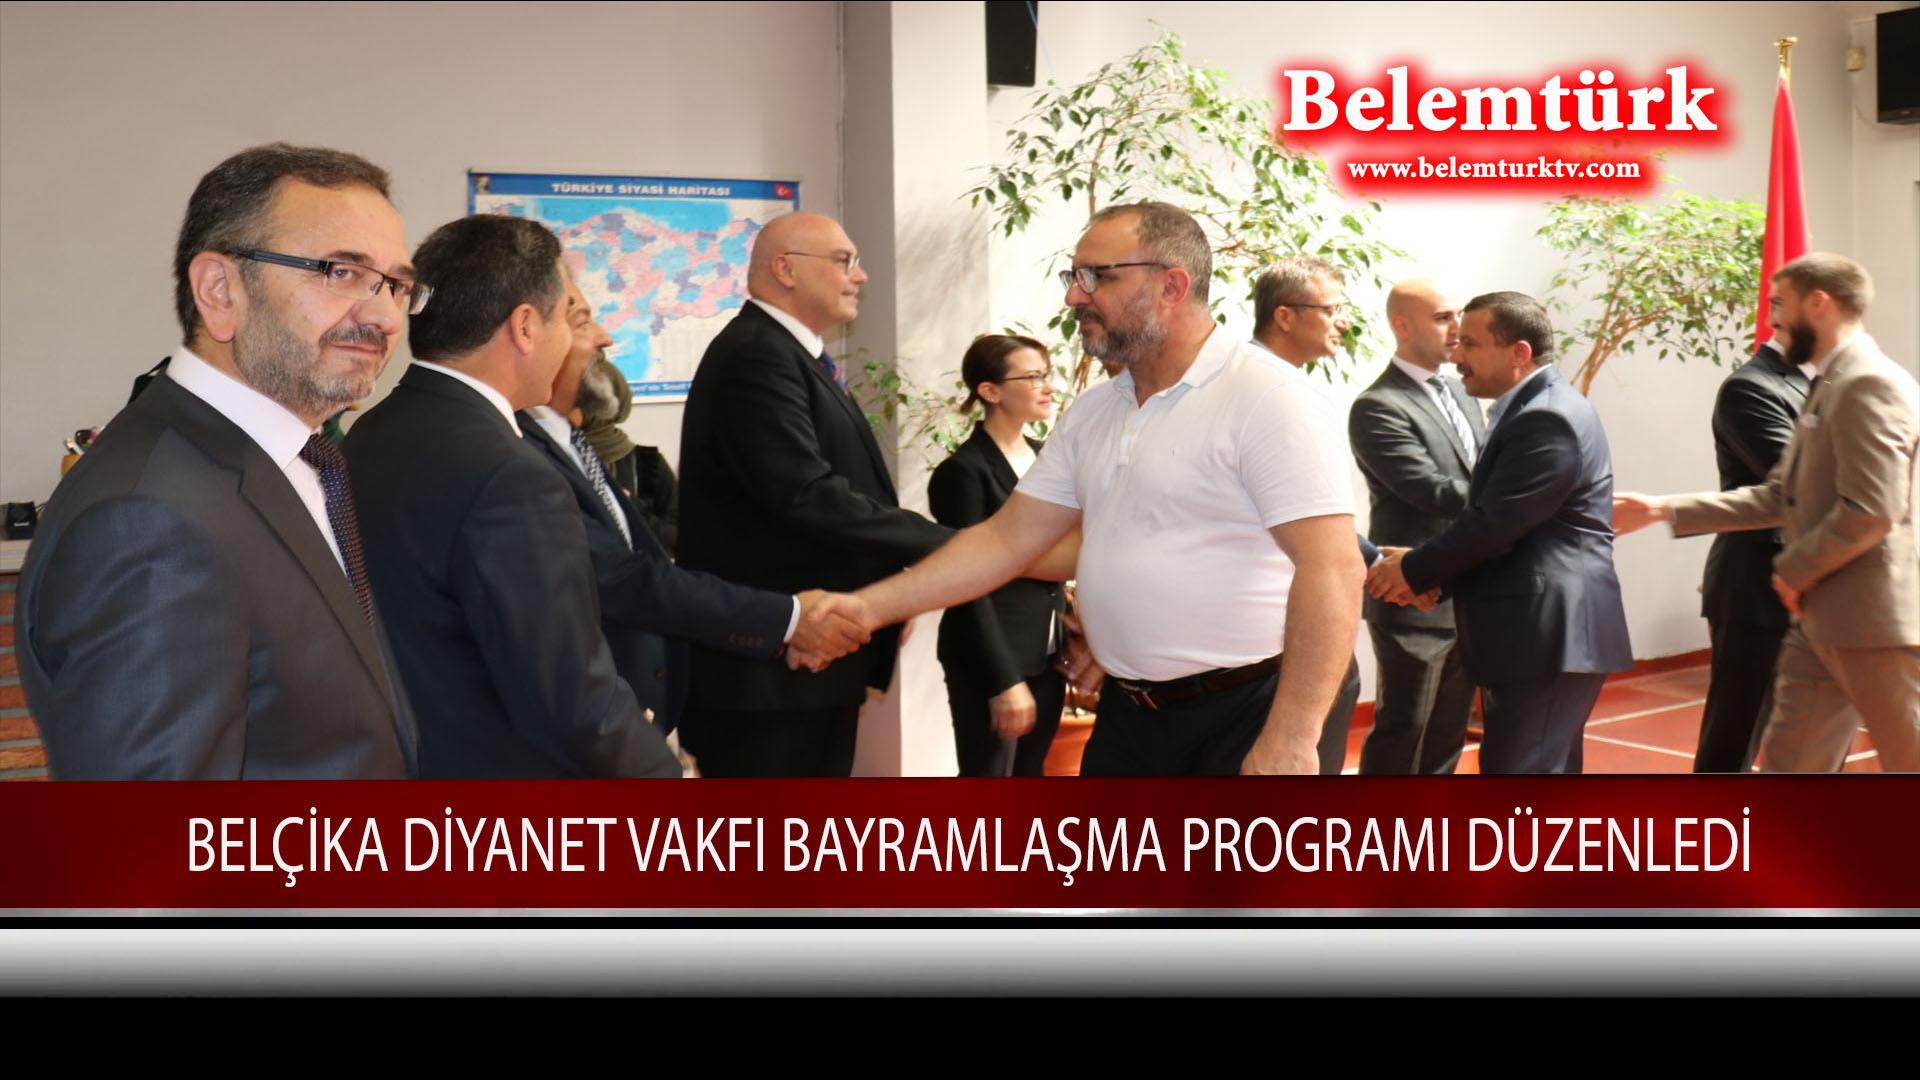 Belçika Diyanet Vakfı Genel Merkezinde  Bayramlaşma Programı Düzenlendi